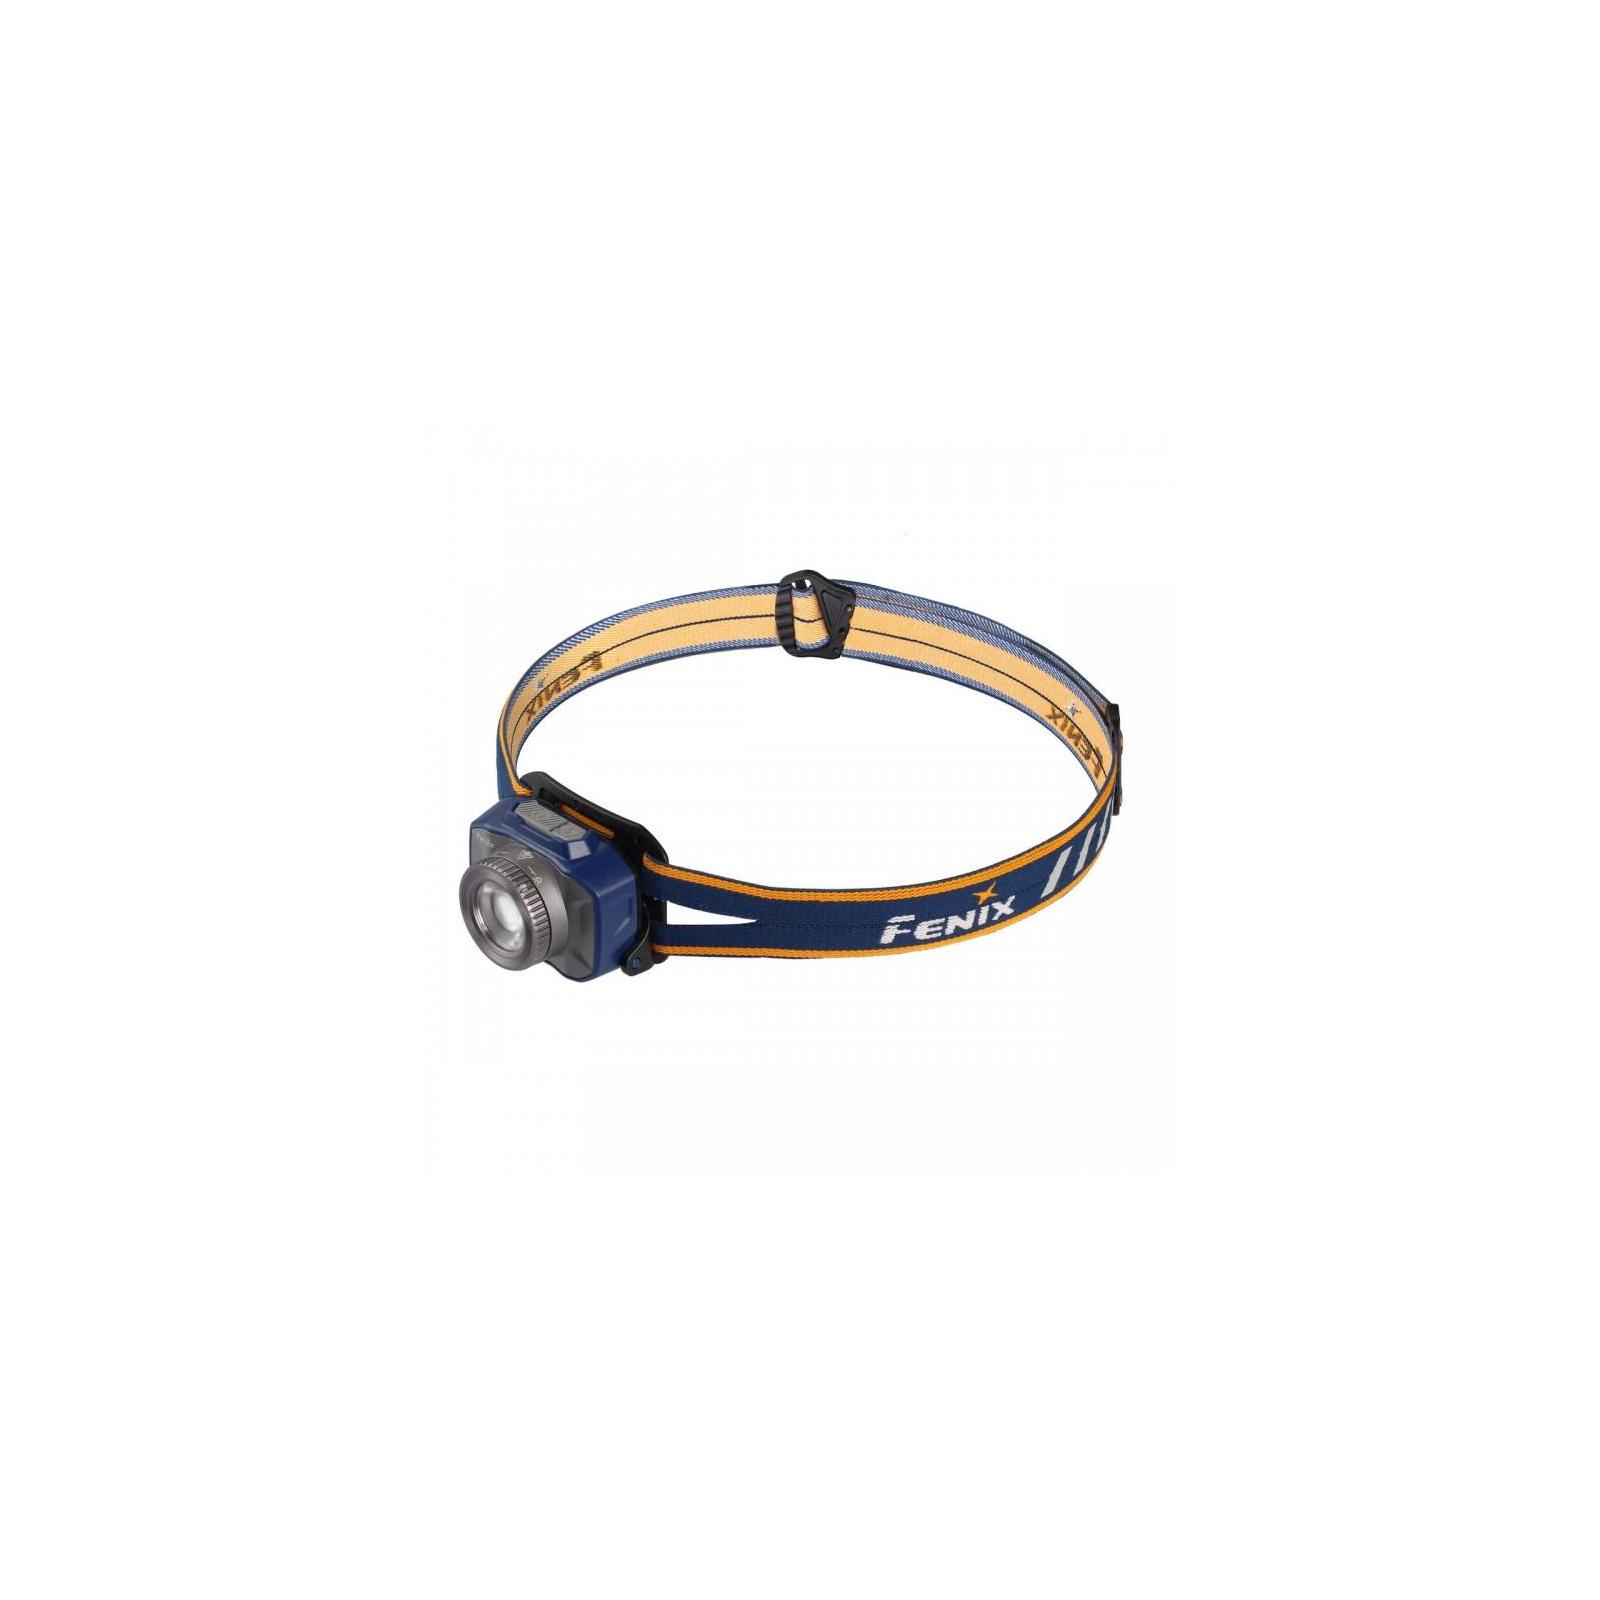 Фонарь Fenix HL40R Cree XP-LHIV2 LED синий (HL40RBL)